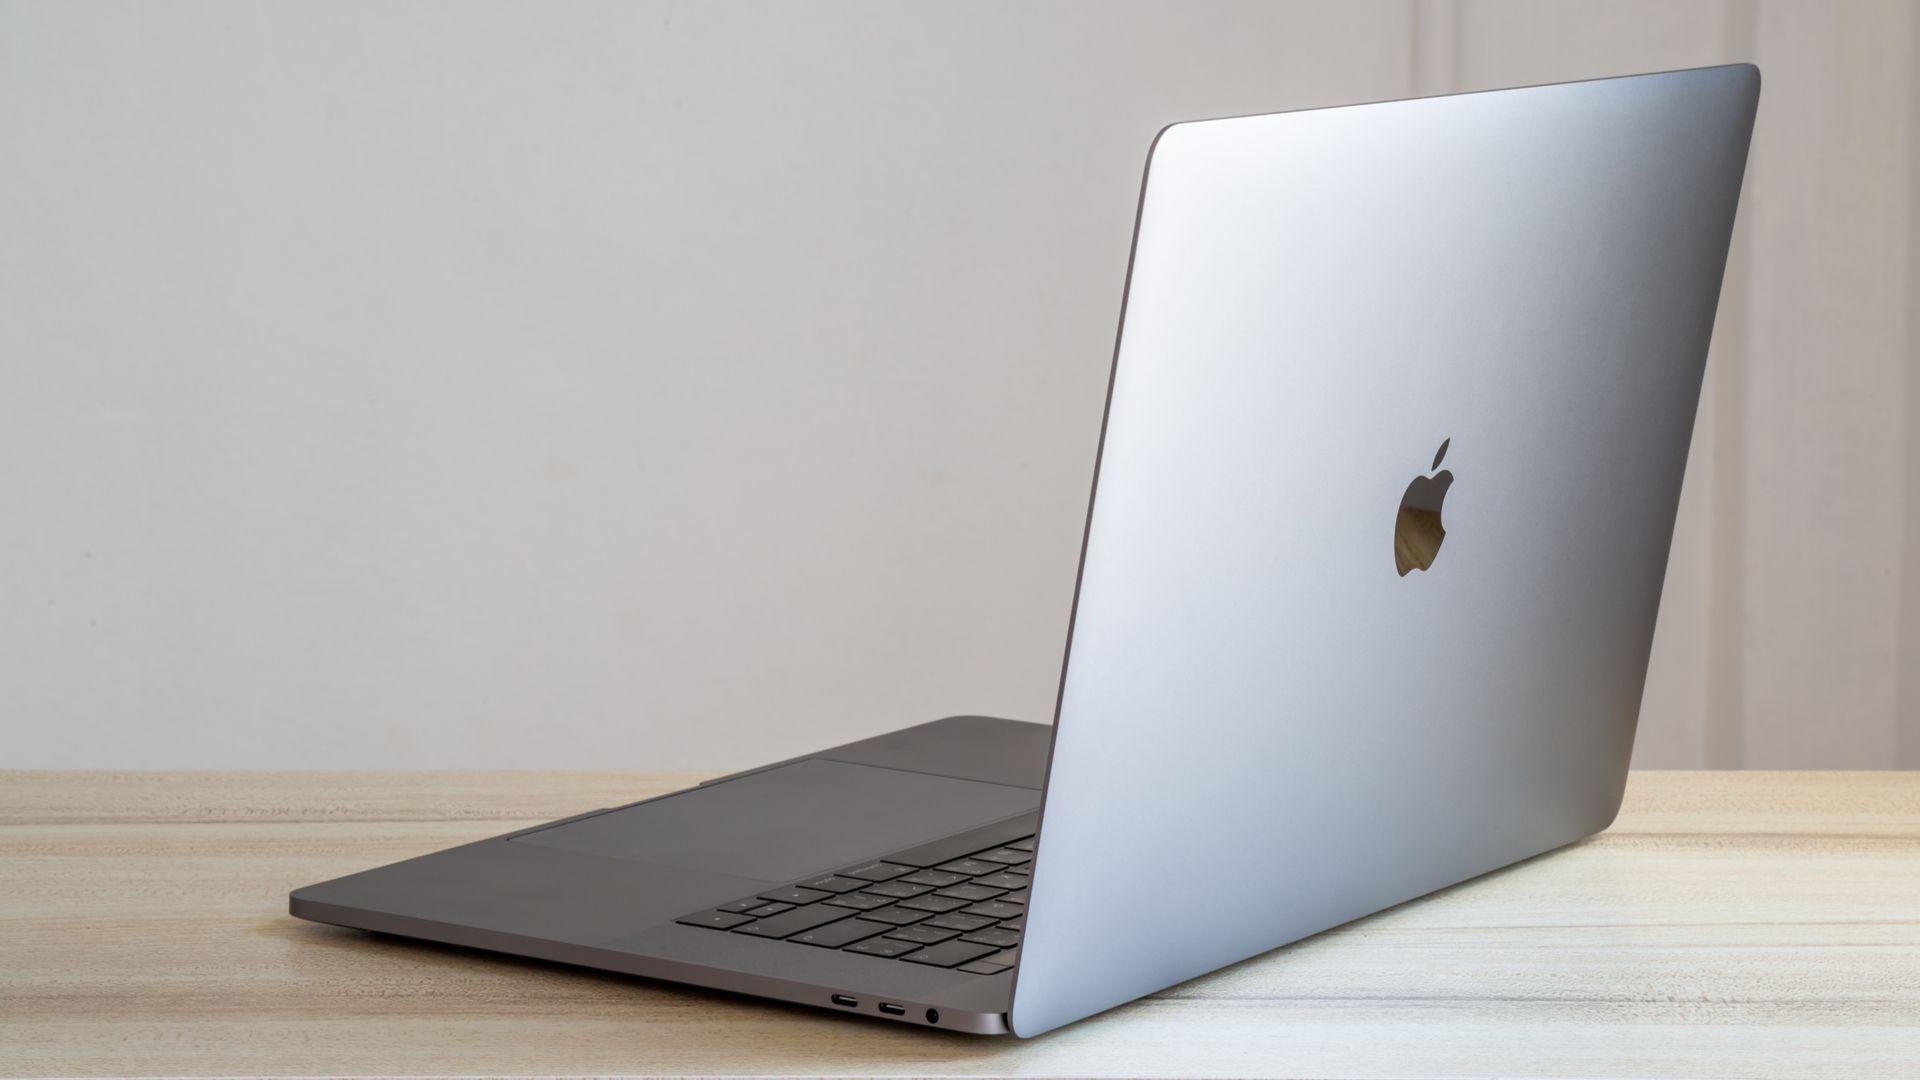 Investir em um MacBook pode ser uma boa opção nessa época do ano. (Foto: Extarz/Shutterstock)